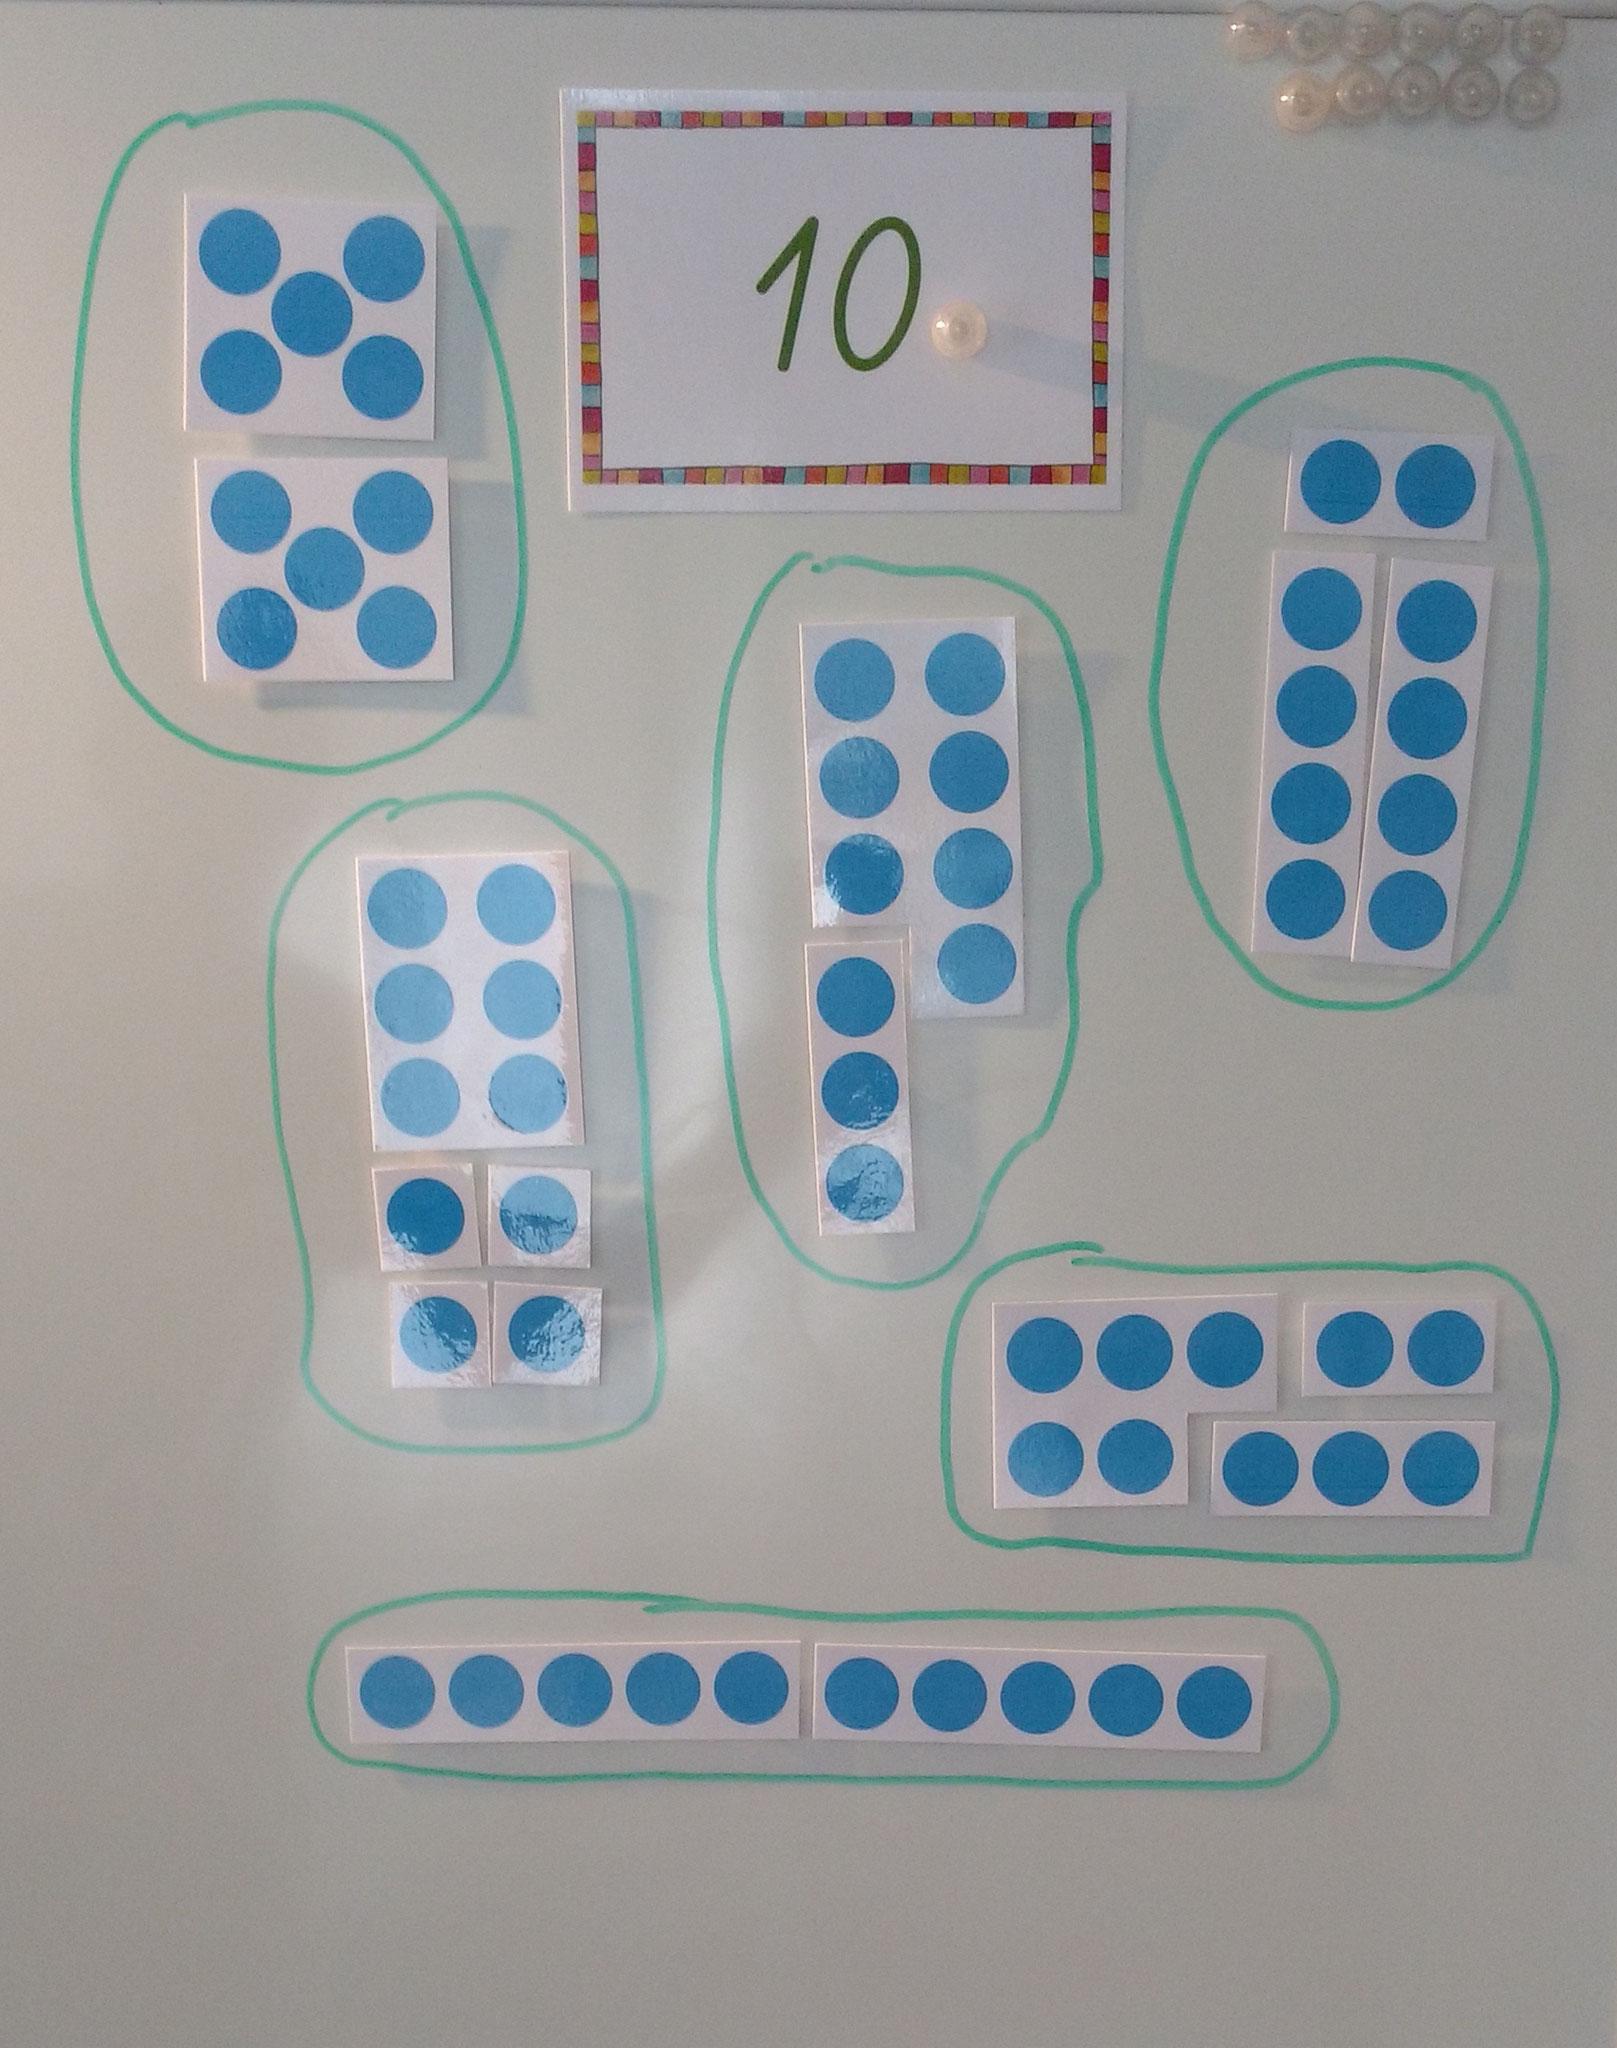 An der magnetischen Wandtafel können auch motorisch unruhige Kinder die Zahlzerlegung und das Teil-Ganze-Verständnis üben.